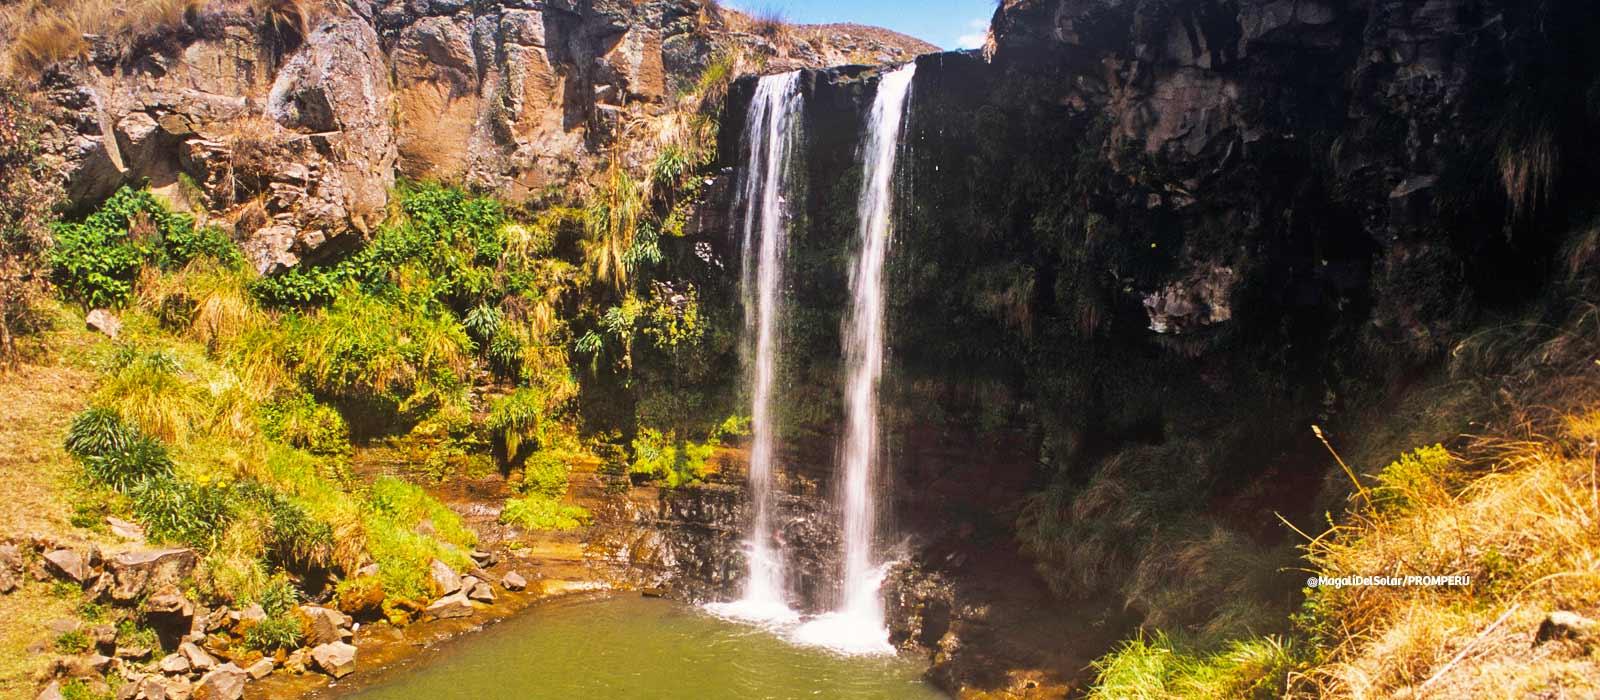 Cataratas míticas de Pumapaqcha, Batán y Qorimaqma en Ayacucho